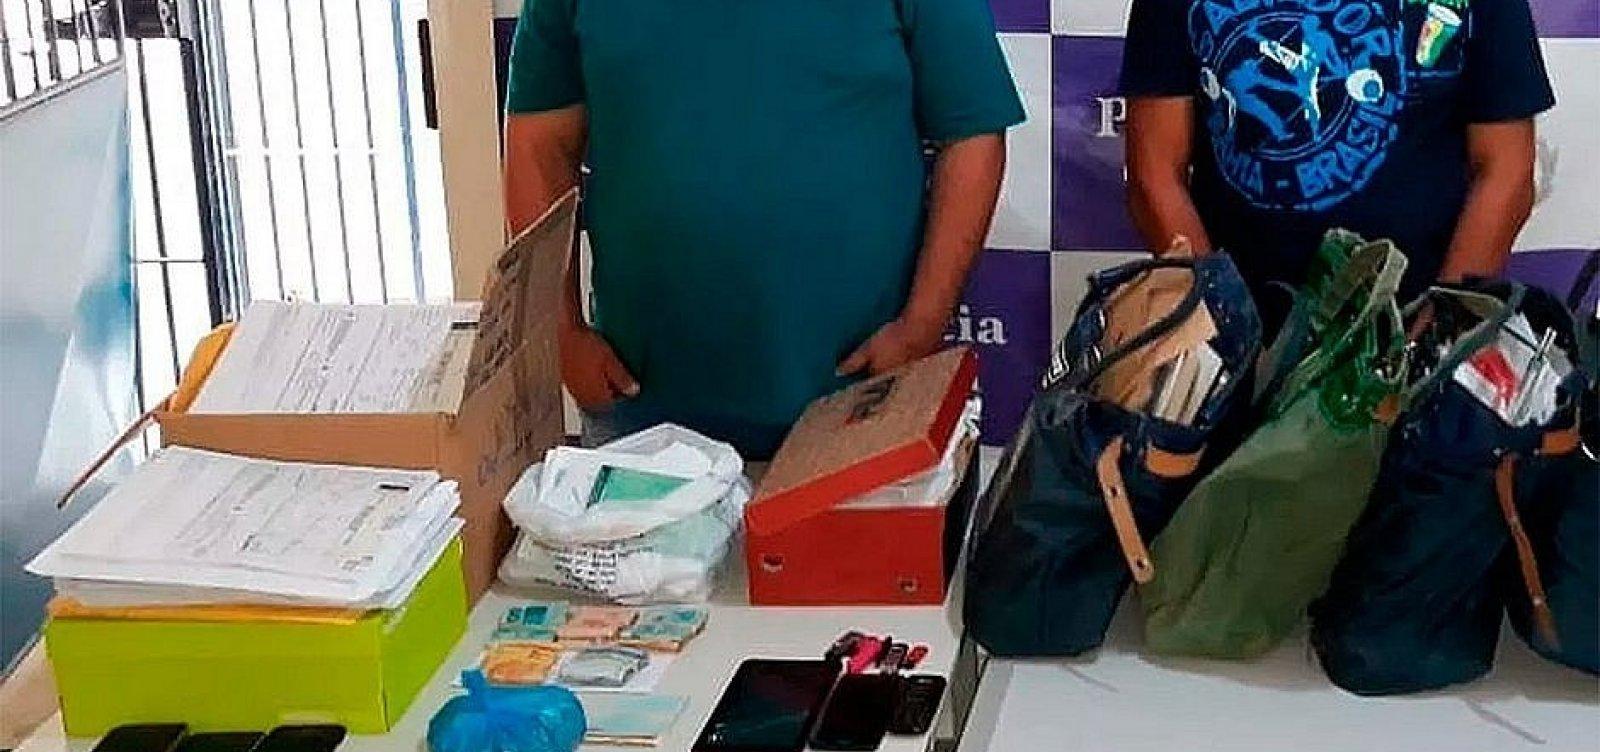 [Detran exonera funcionários que atuaram em esquema criminoso em Juazeiro]